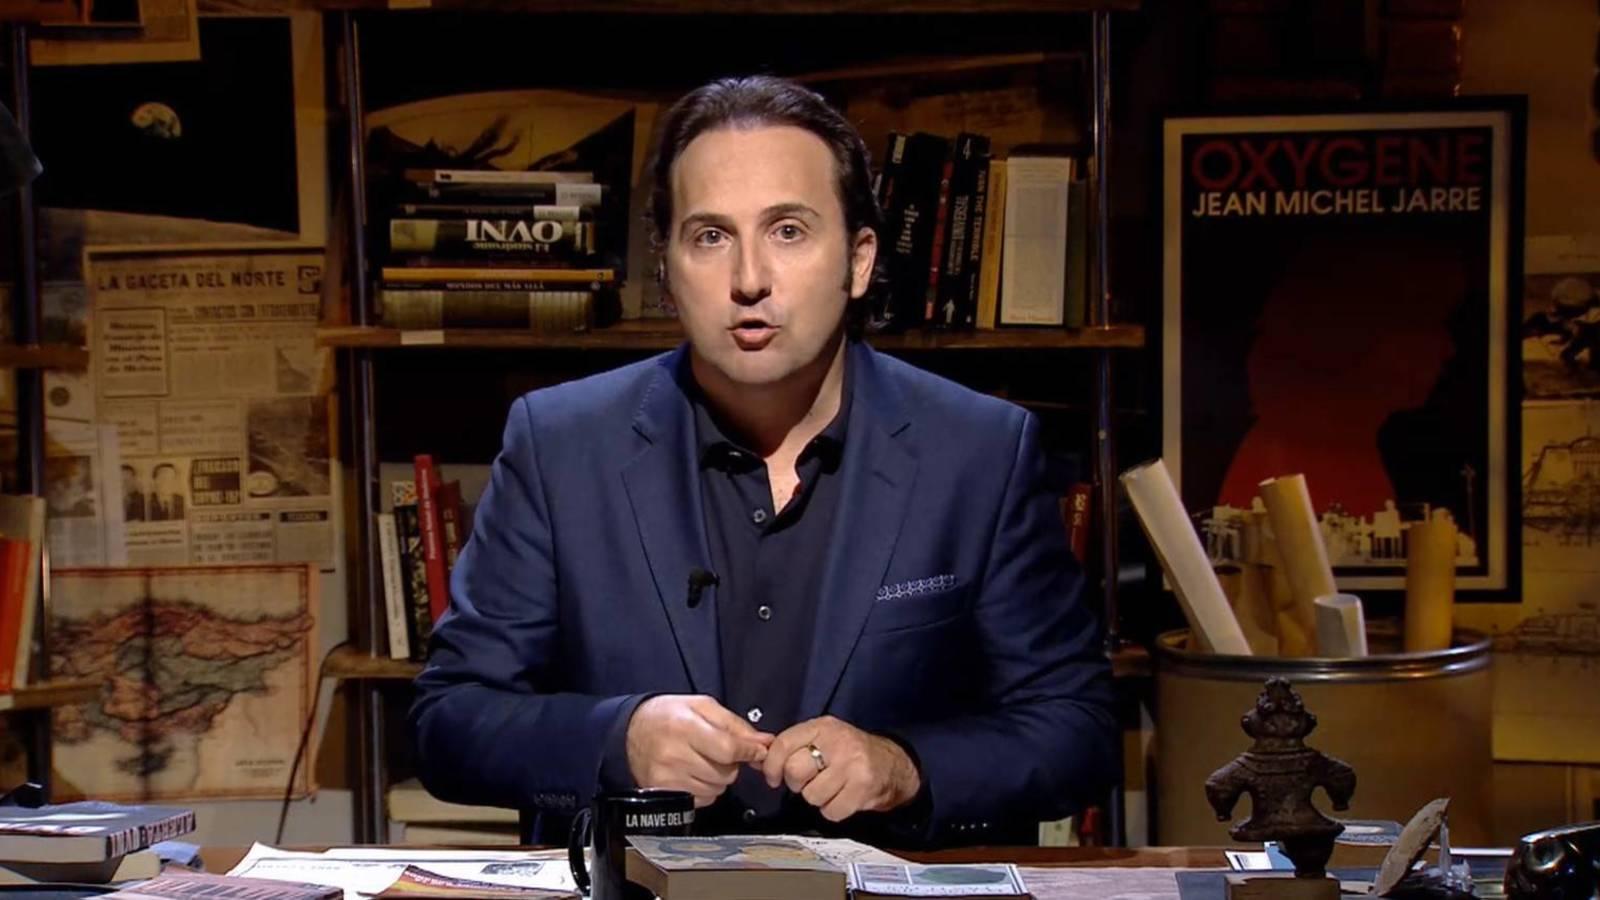 La Ascensión De Iker Jiménez Televisión El País